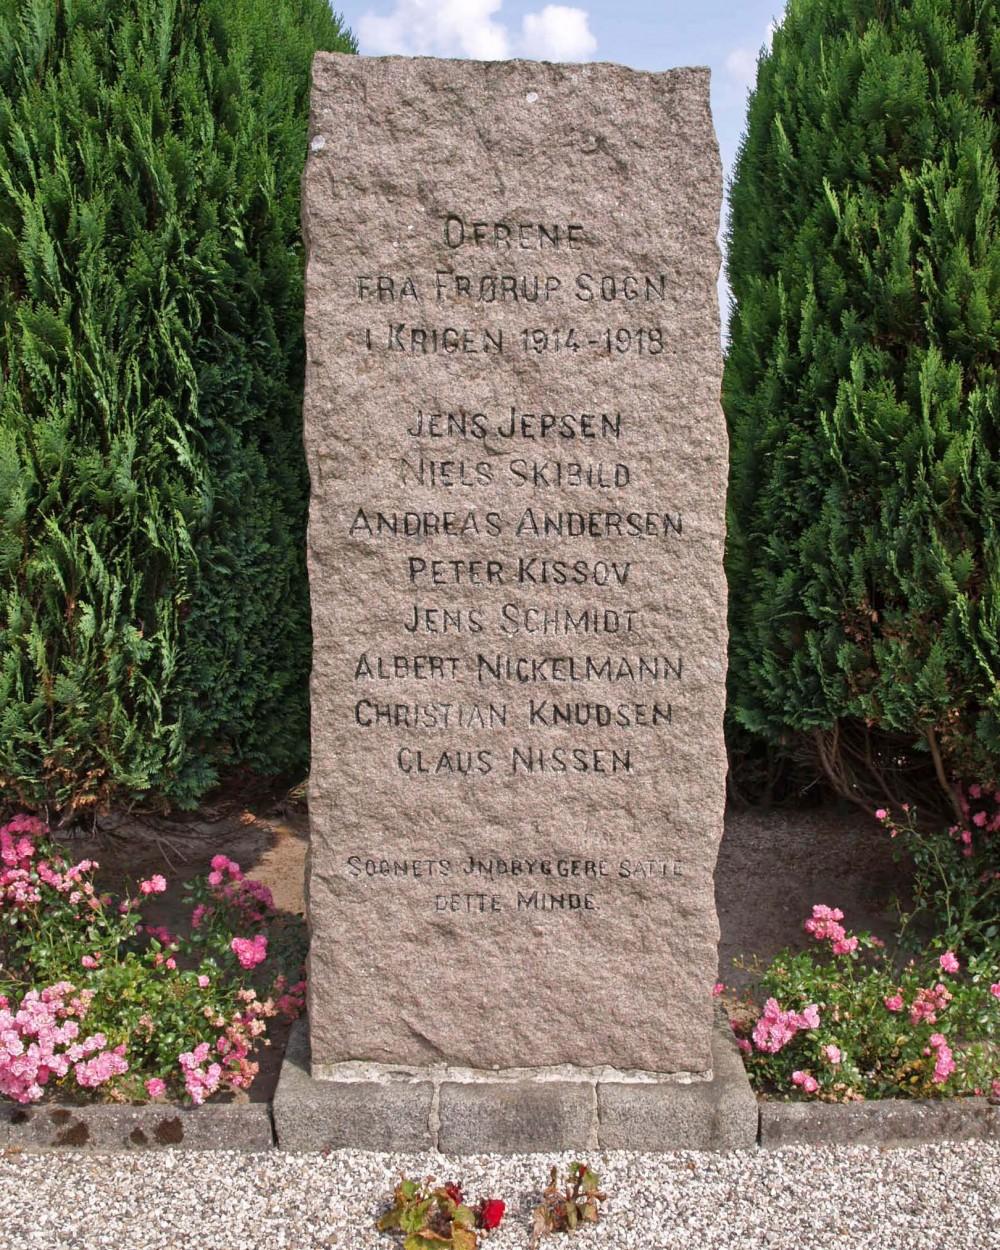 Mindesten, Frørup Kirkegård